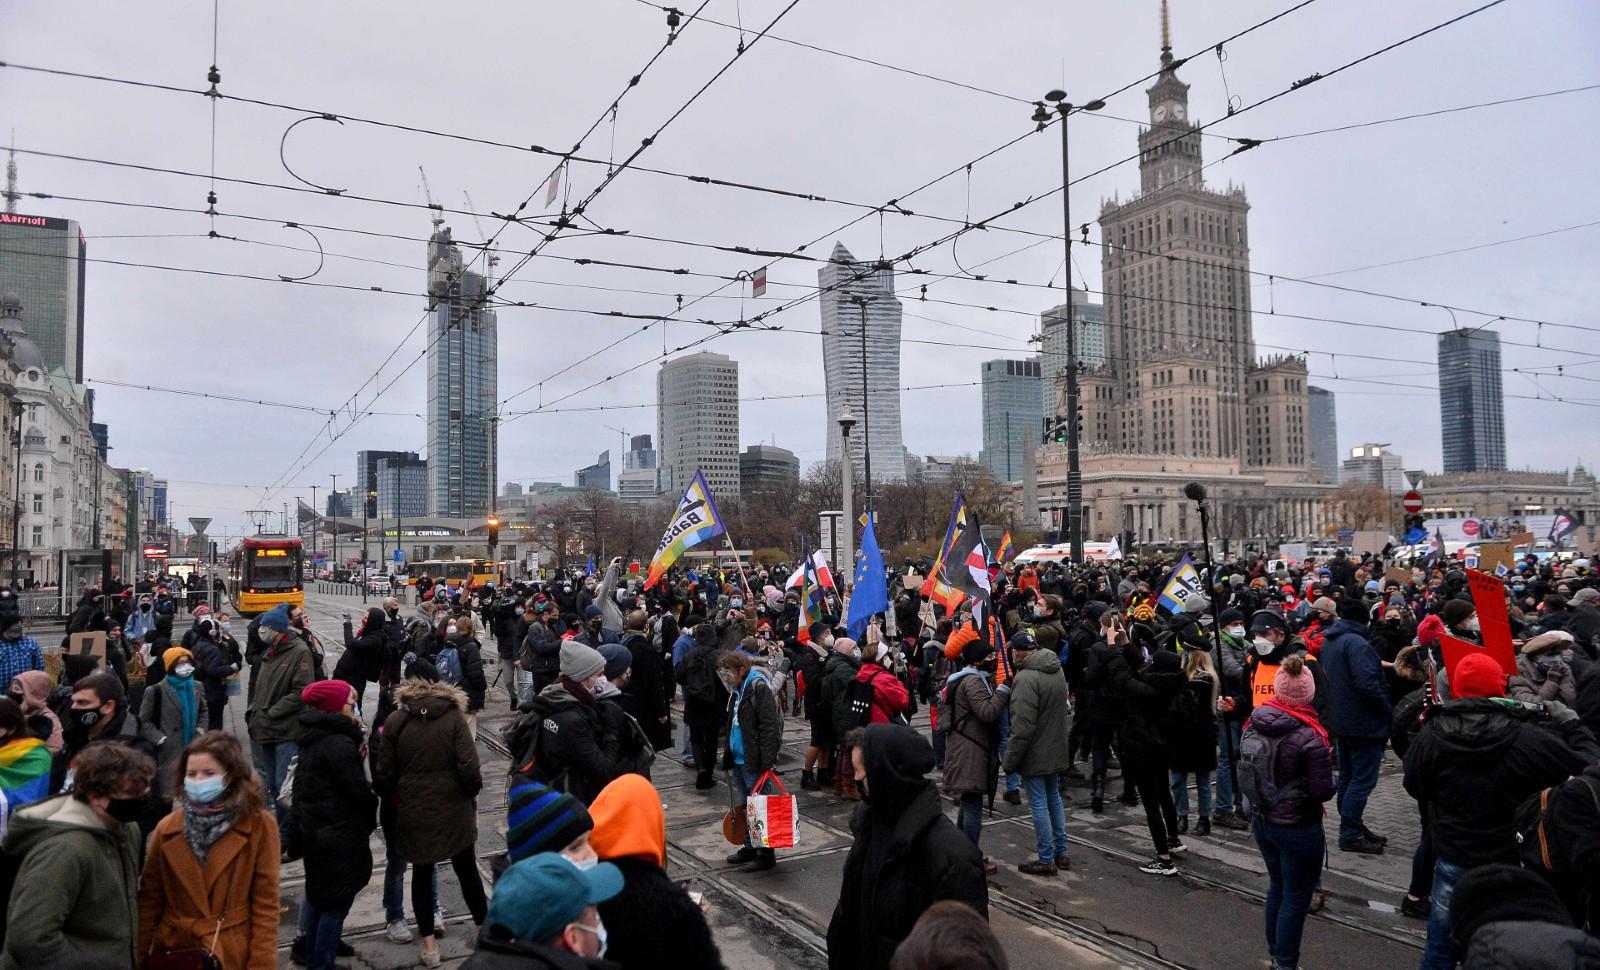 Manifestation féministe à Varsovie, le 28 novembre 2020. © Marcin Wziontek/Shutterstock/SIPA Numéro de reportage : Shutterstock40809132_000084